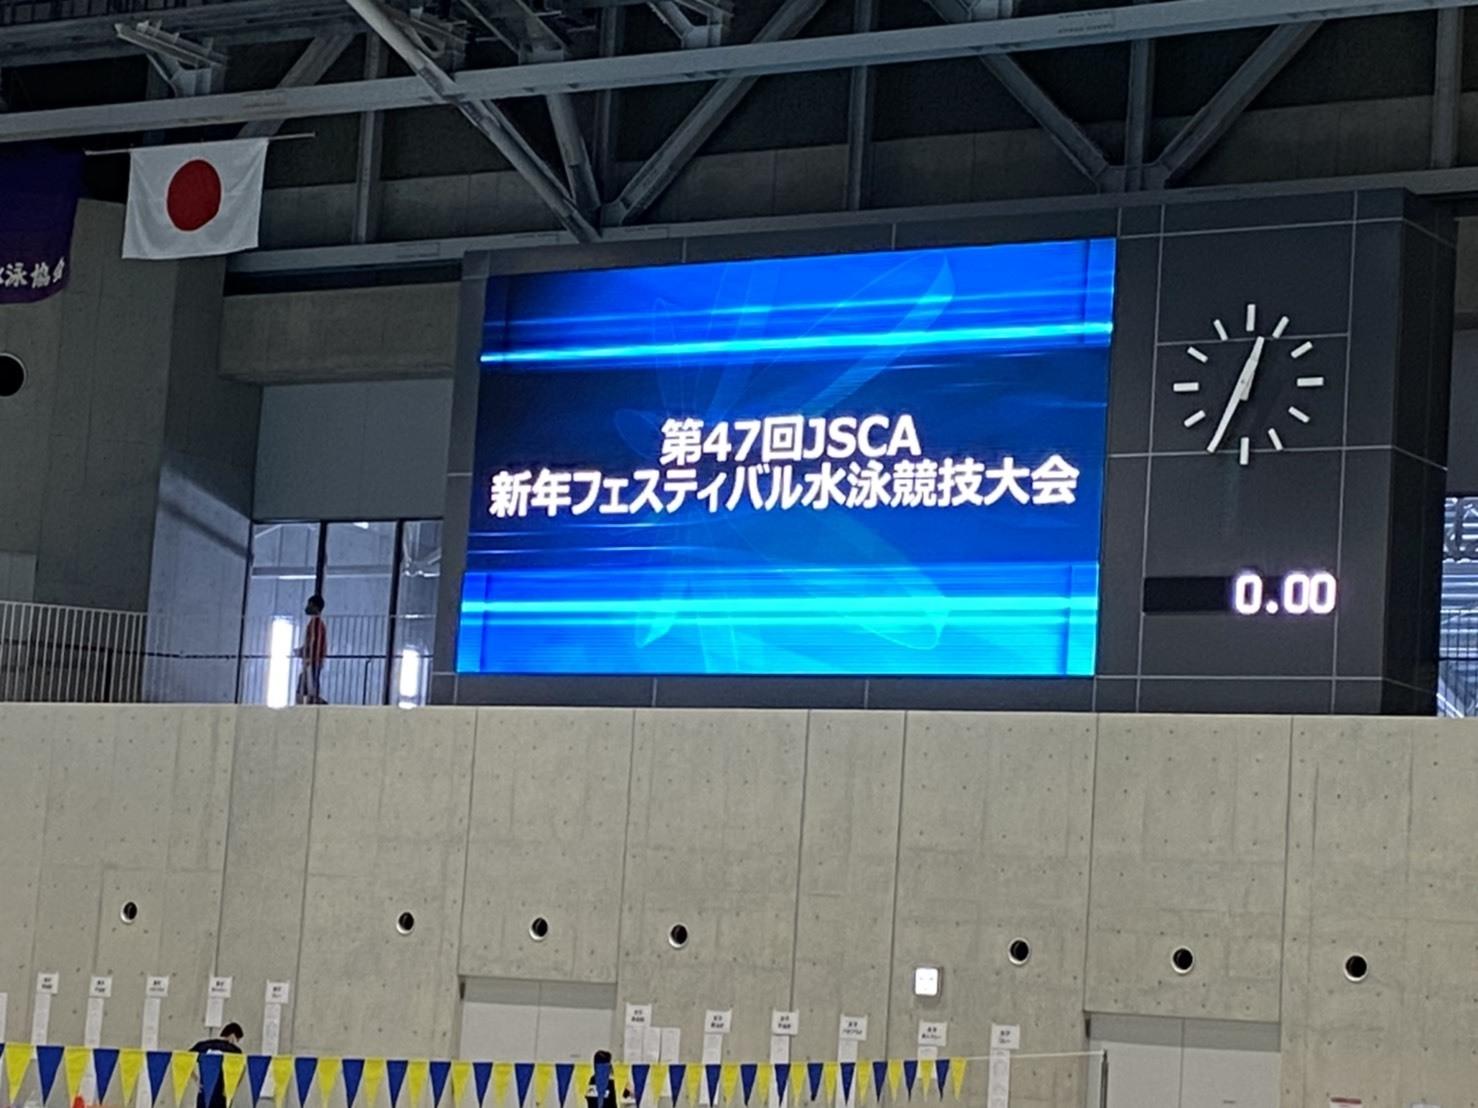 第47回 JSCA新年フェスティバル水泳競技大会 in 金沢 開催 ( ' ◇ ' ) ゞ 画像